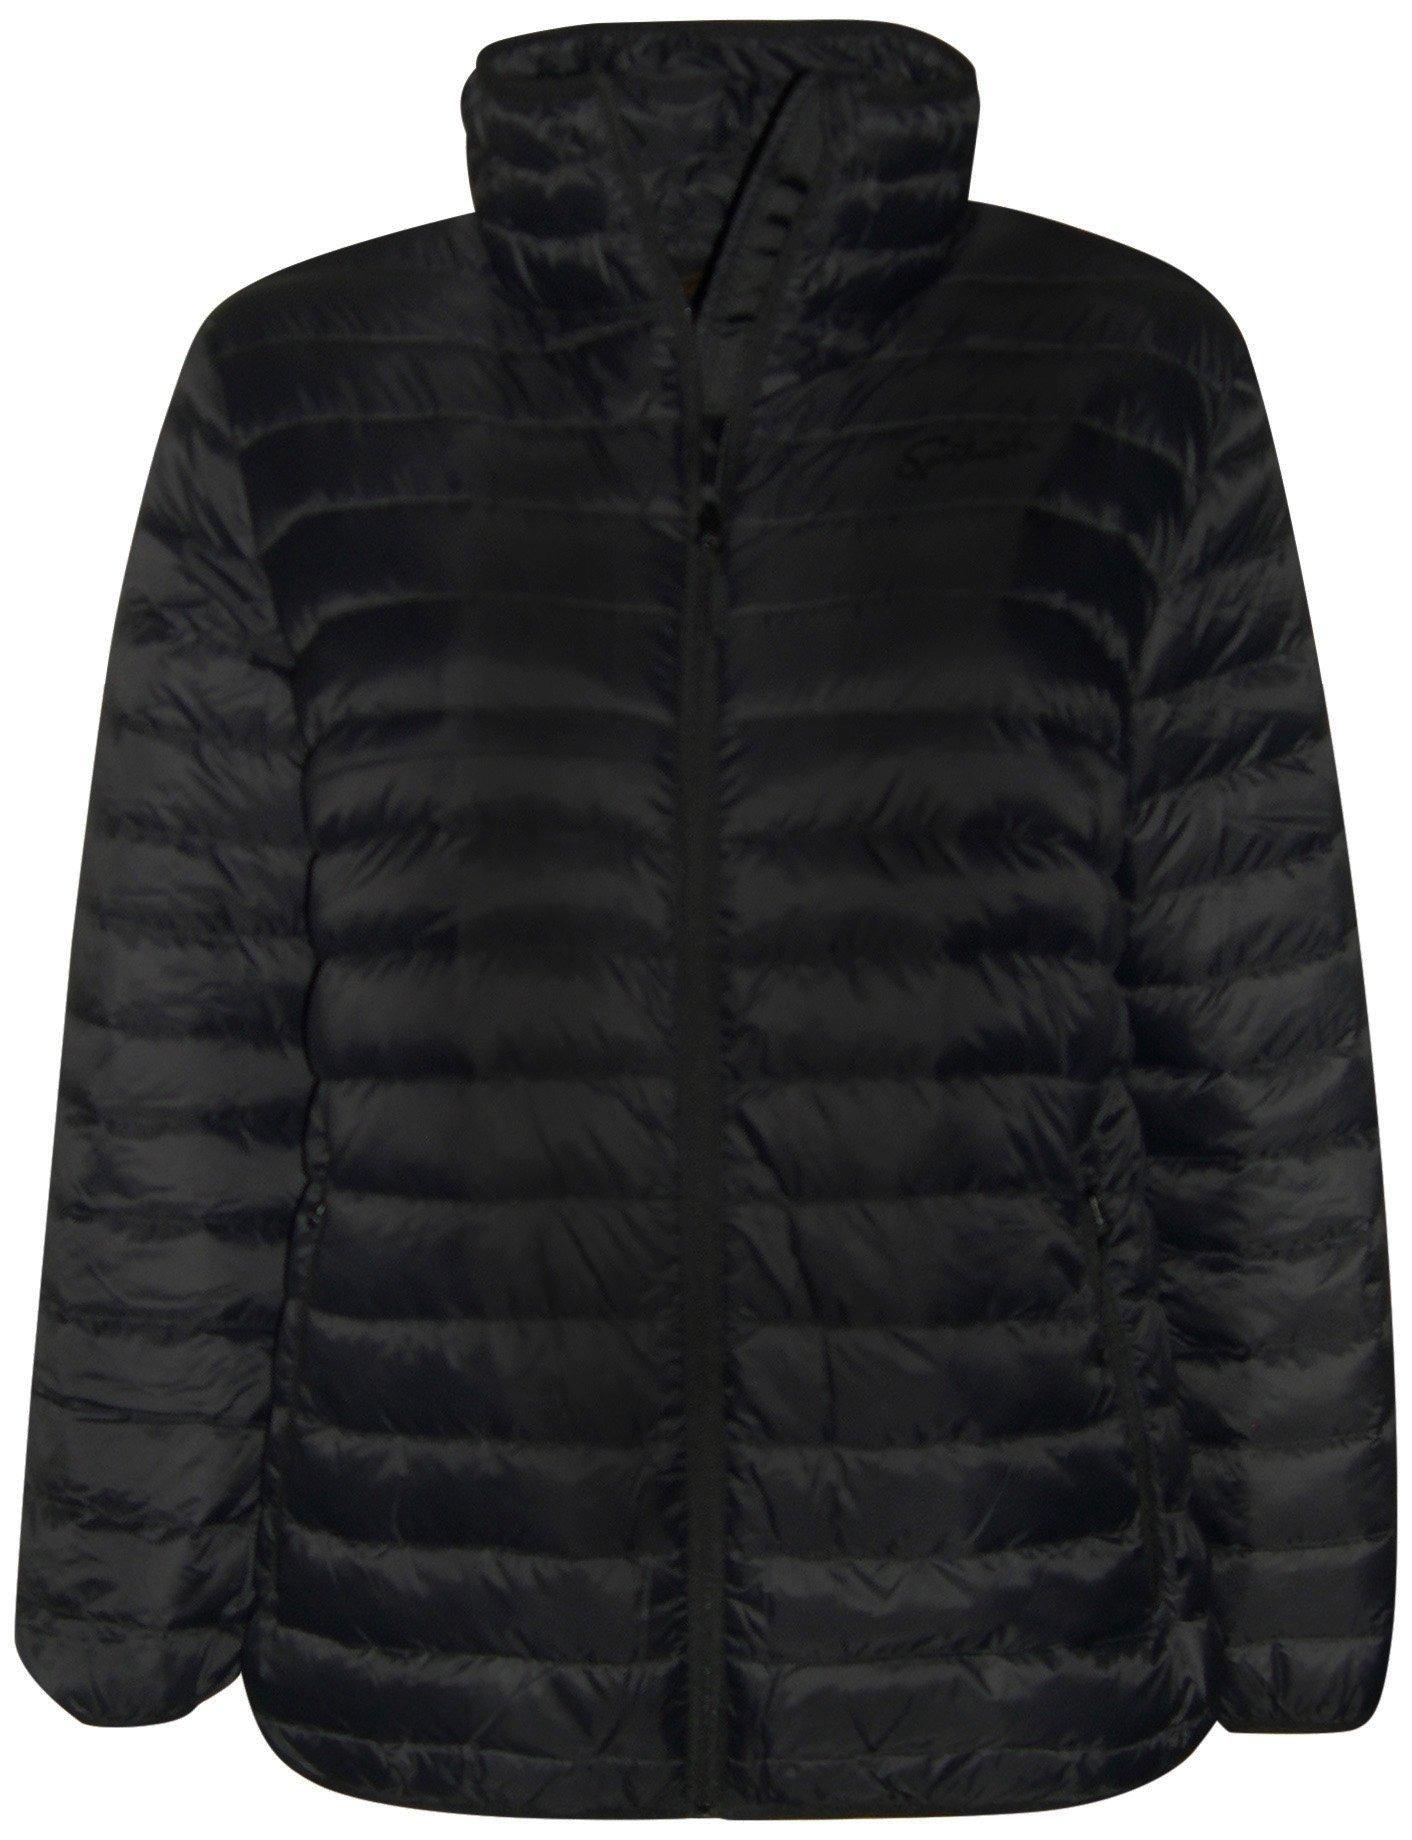 Sportcaster Women's Pulse Plus Size Packable Down Jacket (1X, Black)